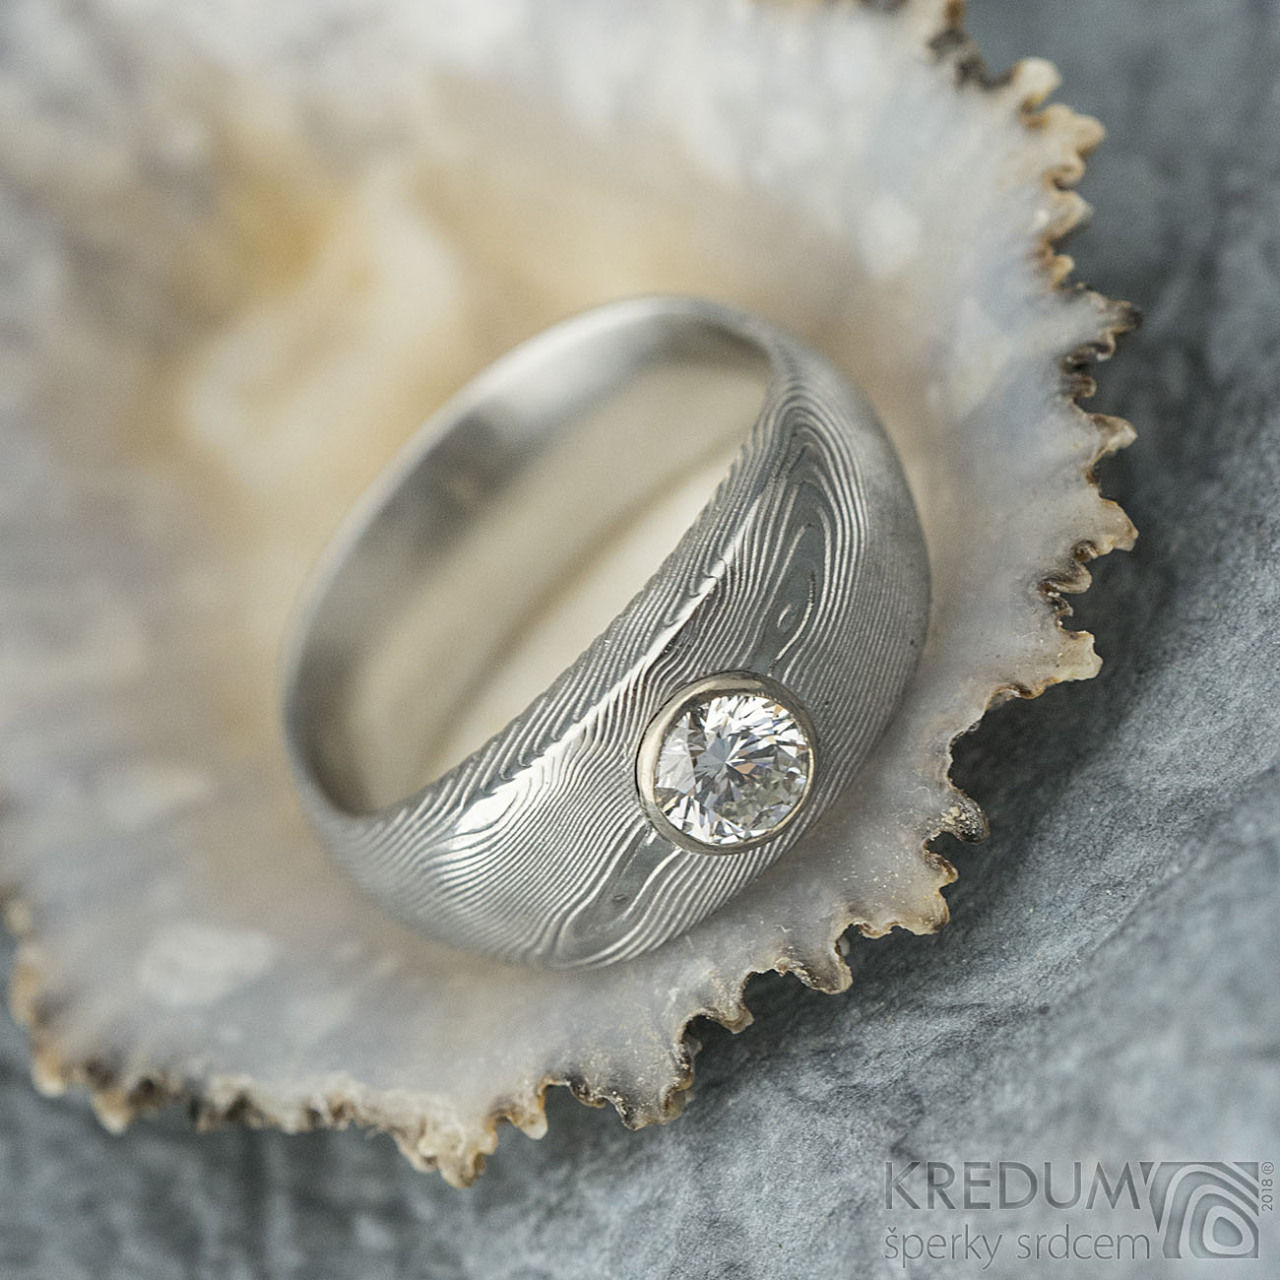 Vahia velká a diamant nad 3 mm do Au - Kovaný zásnubní prsten ... af580a628a